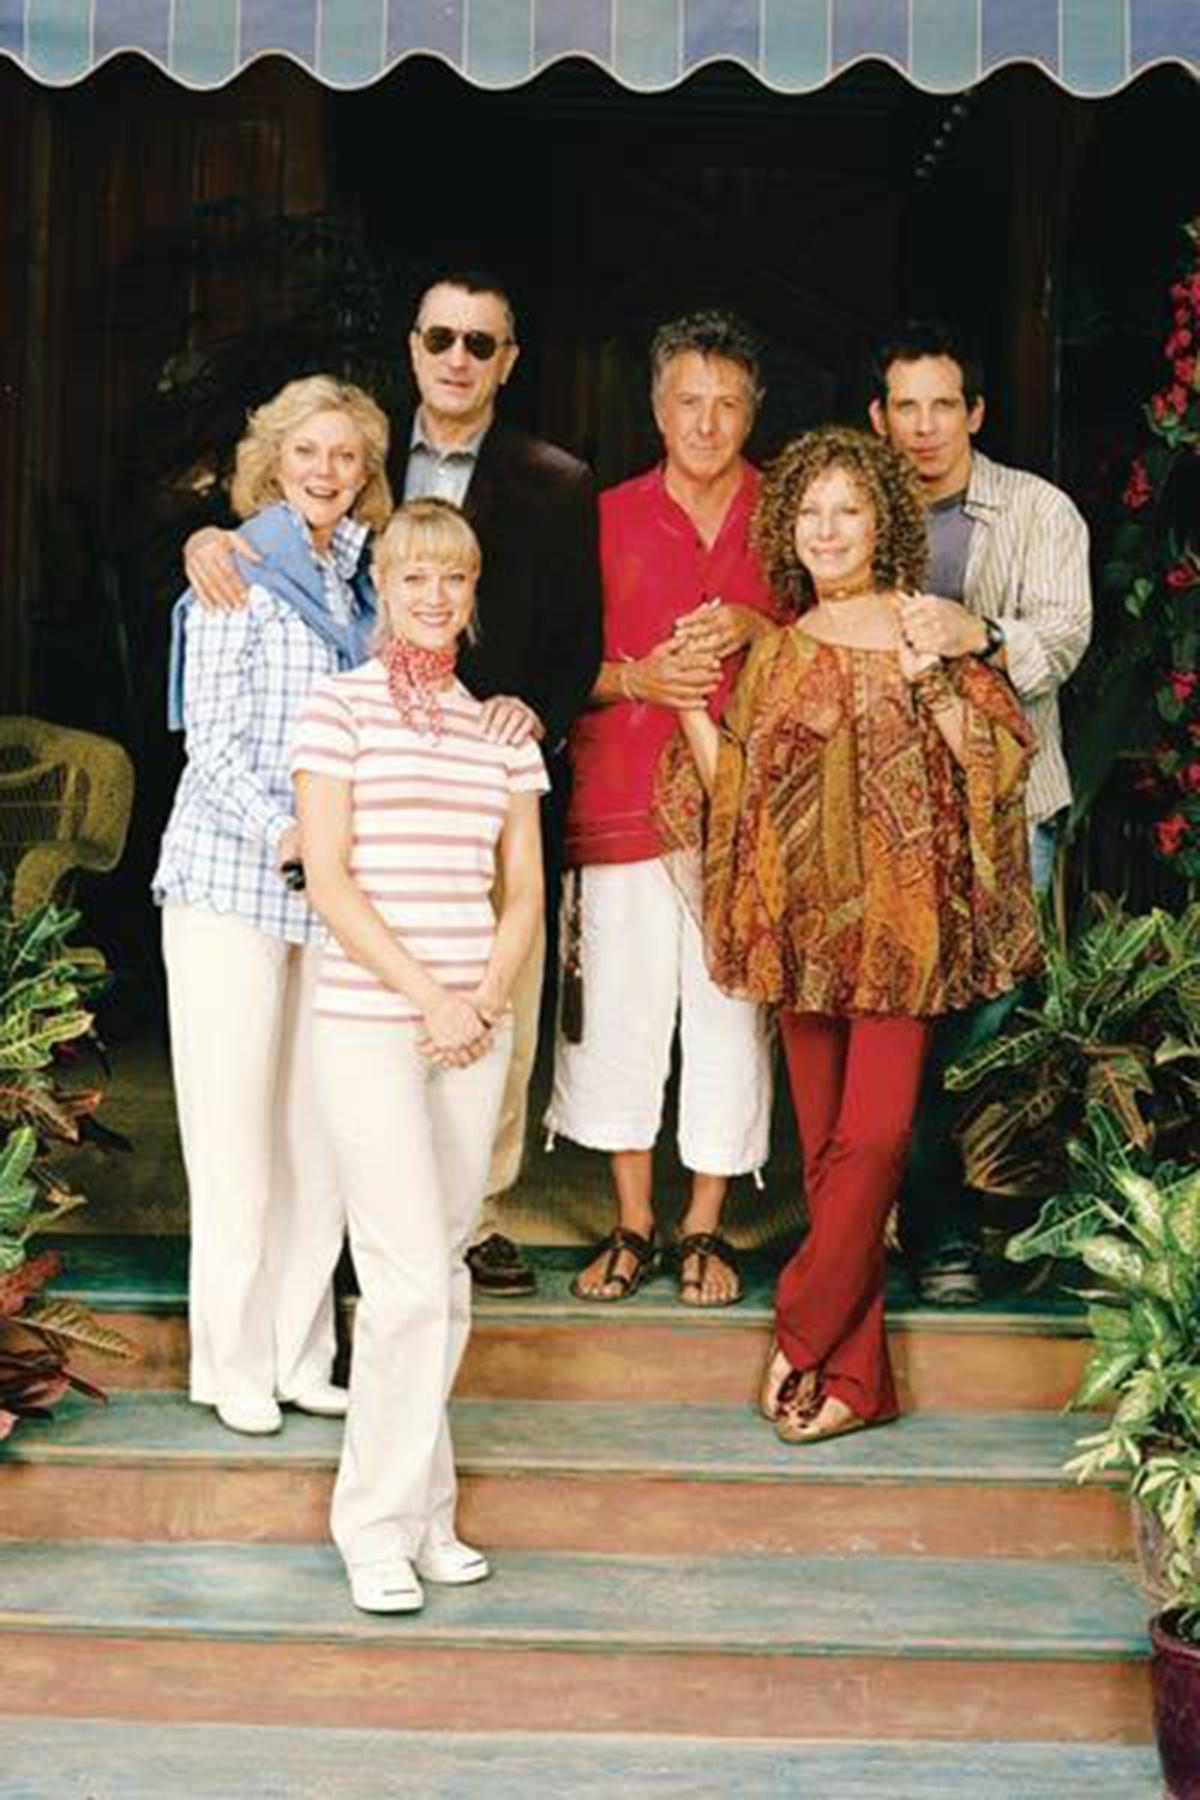 Robert De Niro resimleri - Zor Baba ve Dünür : Fotograf Barbra Streisand,  Ben Stiller, Blythe Danner, Robert De Niro, Teri Polo - Beyazperde.com